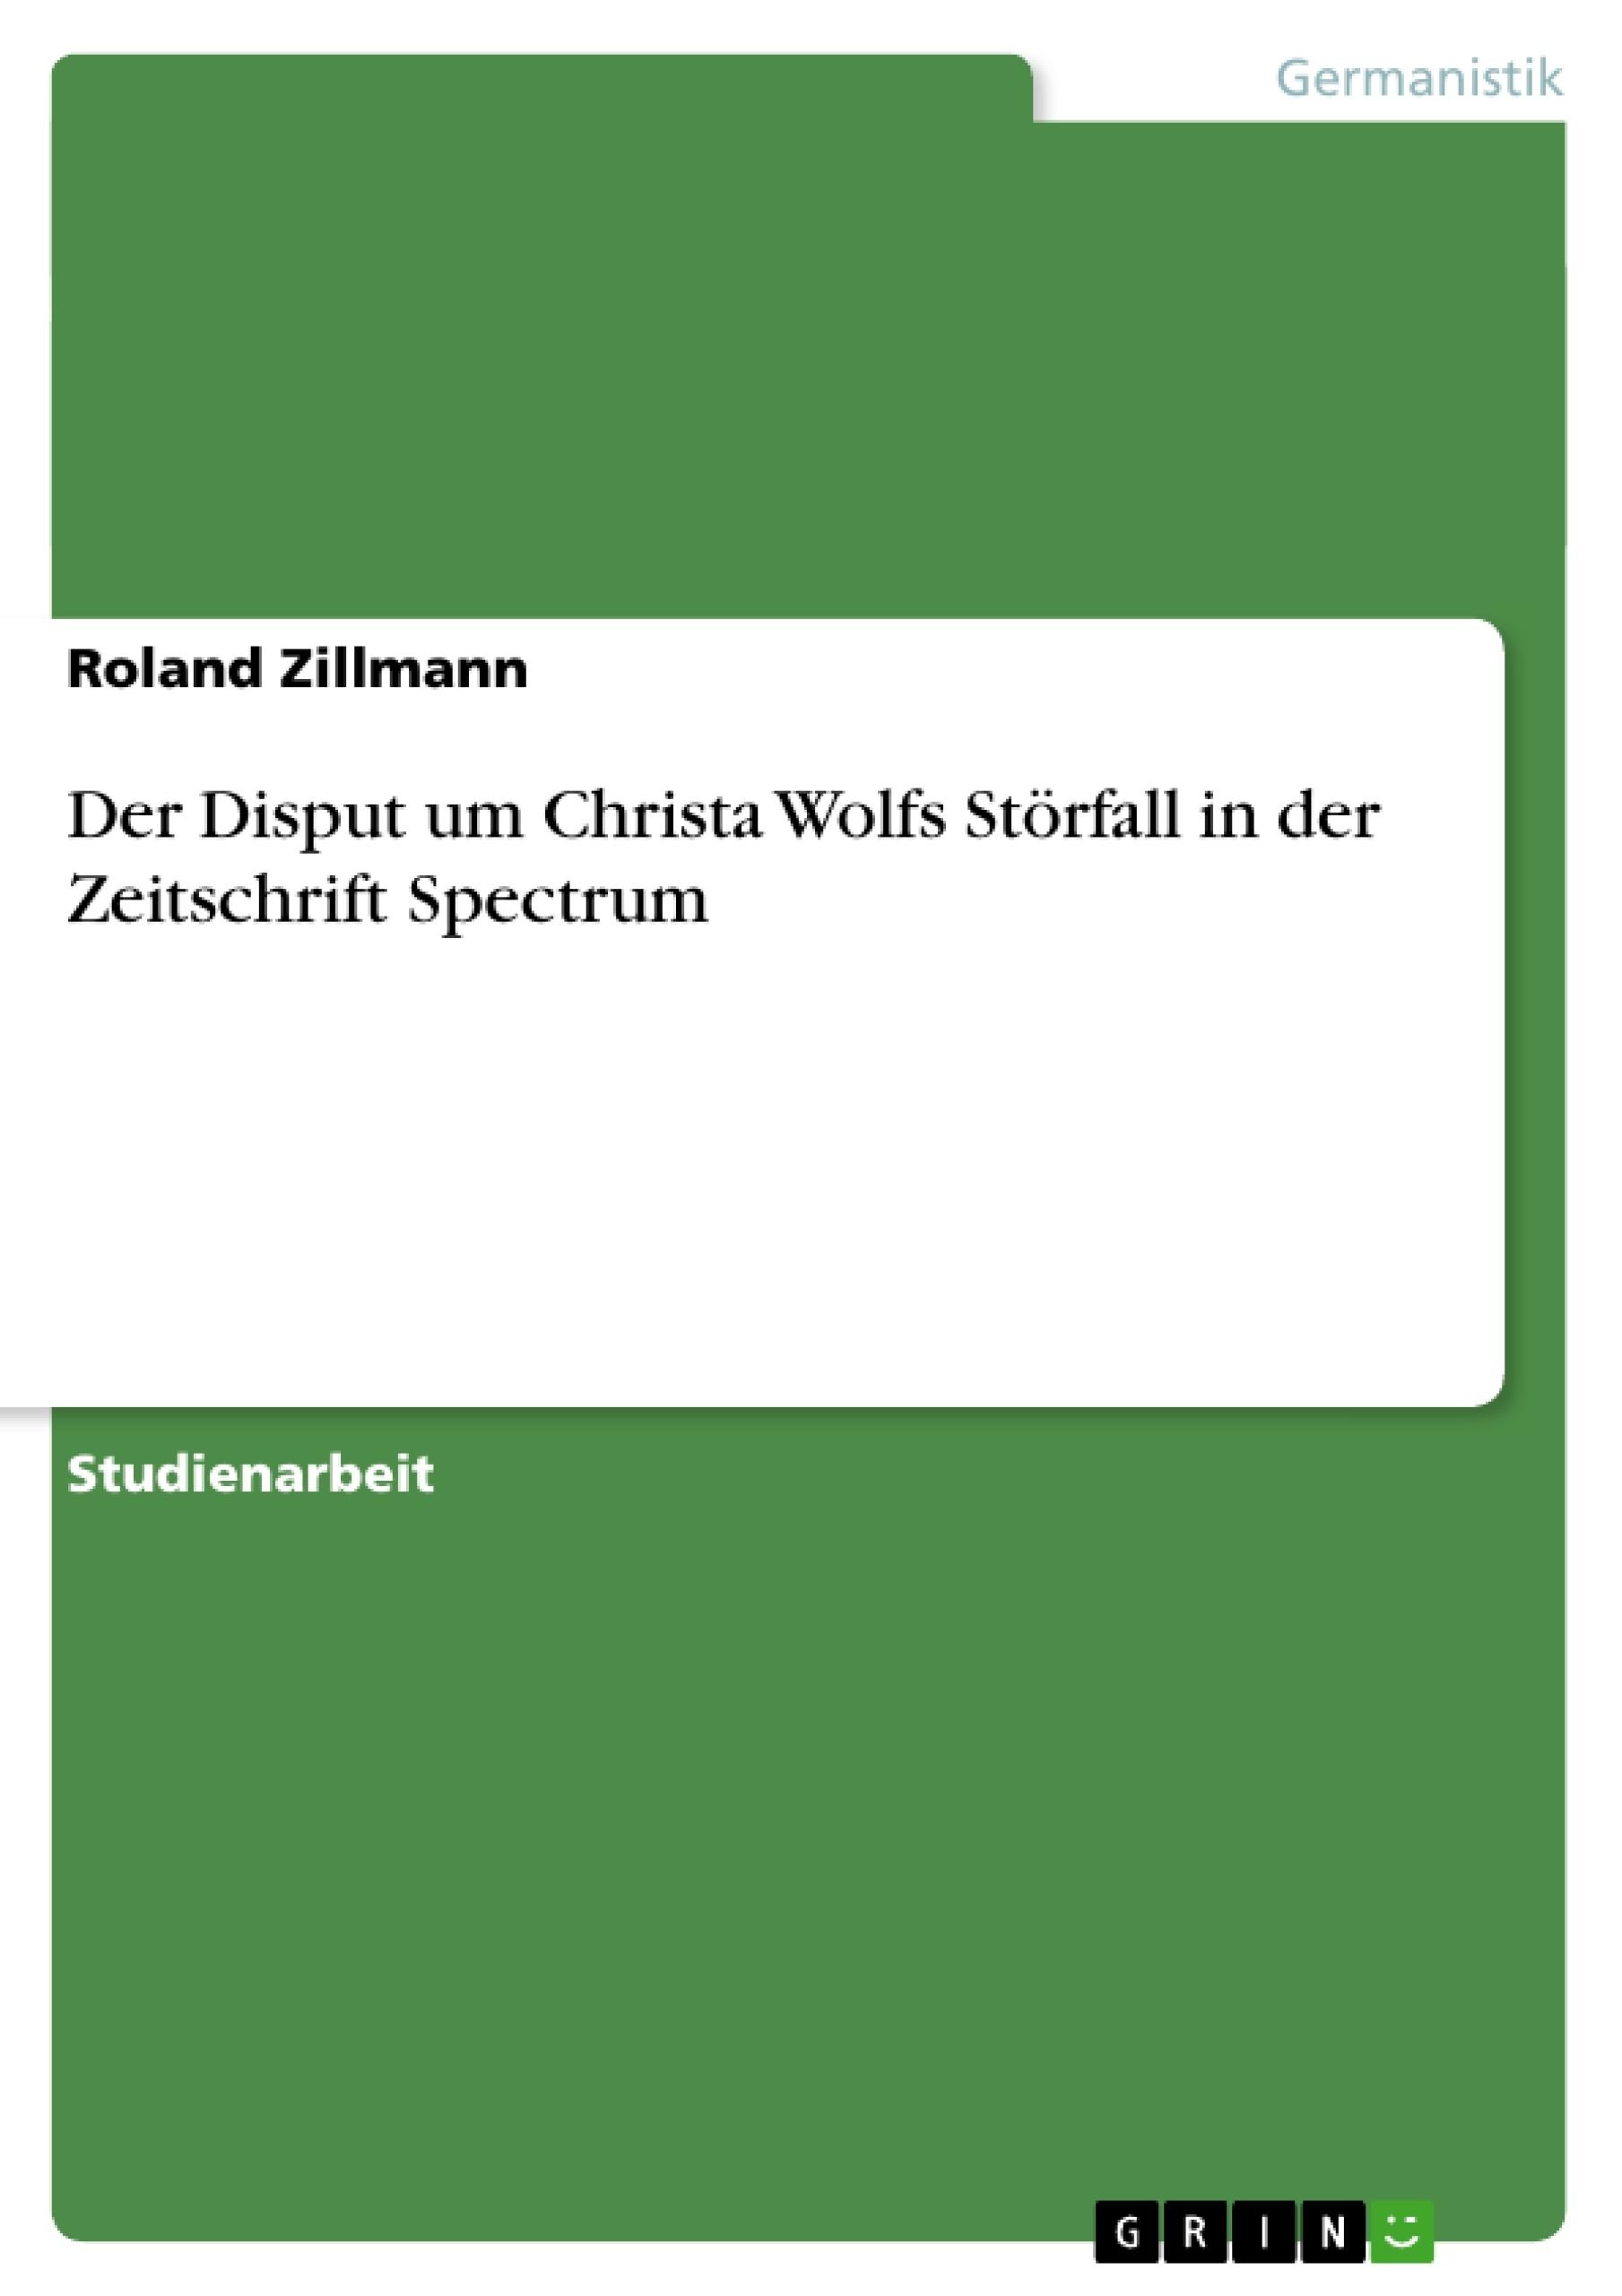 Titel: Der Disput um Christa Wolfs Störfall in der Zeitschrift Spectrum